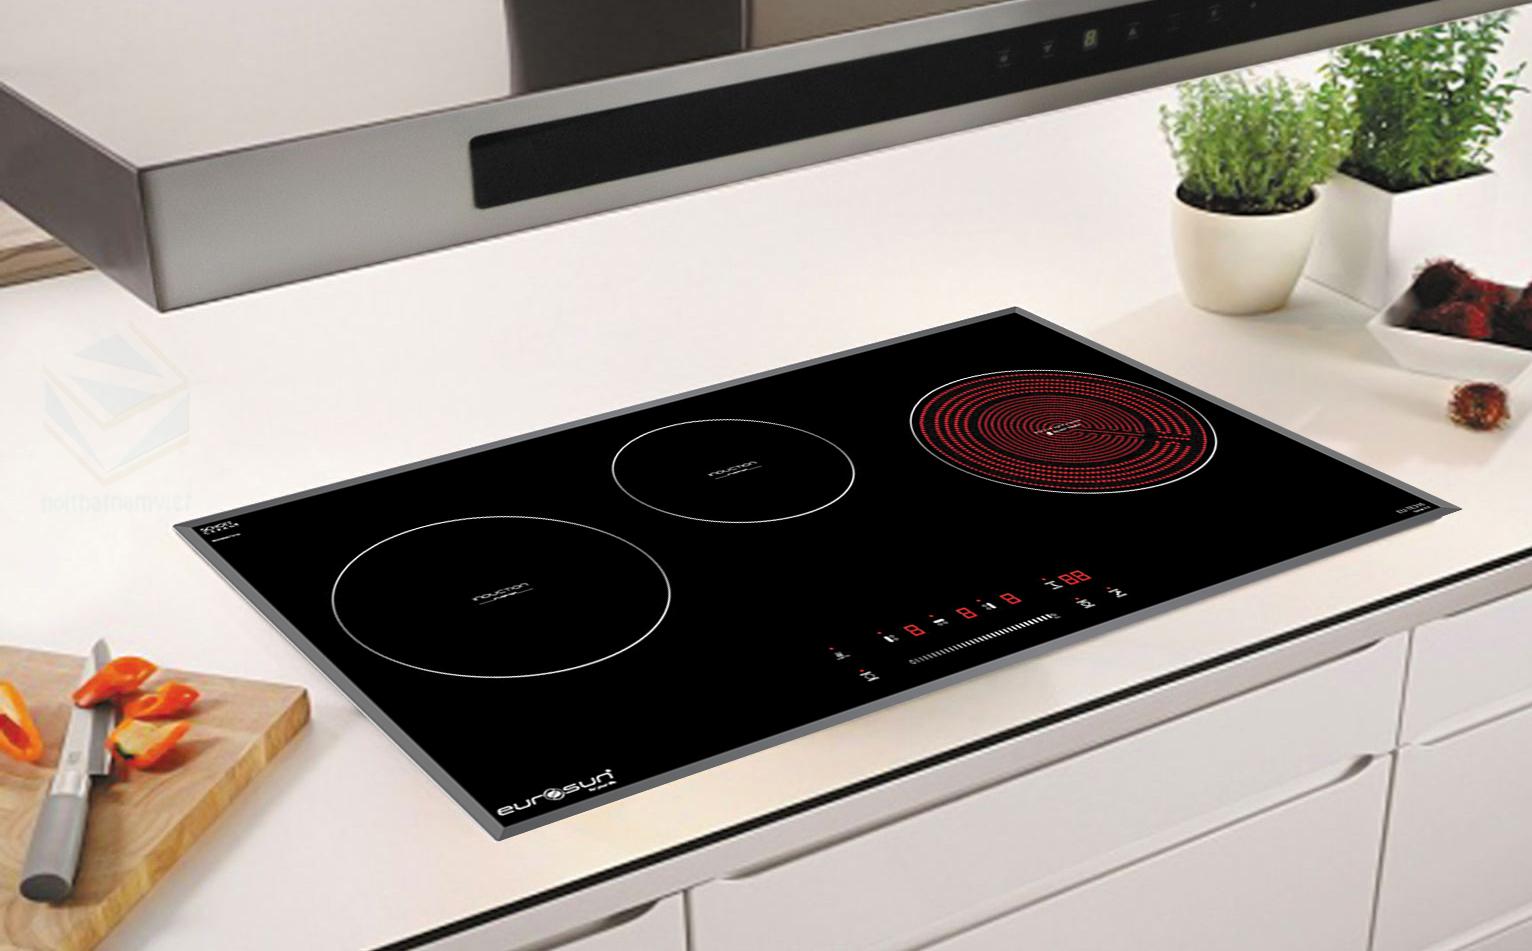 Cách sử dụng bếp từ an toàn và hiệu quả nhất